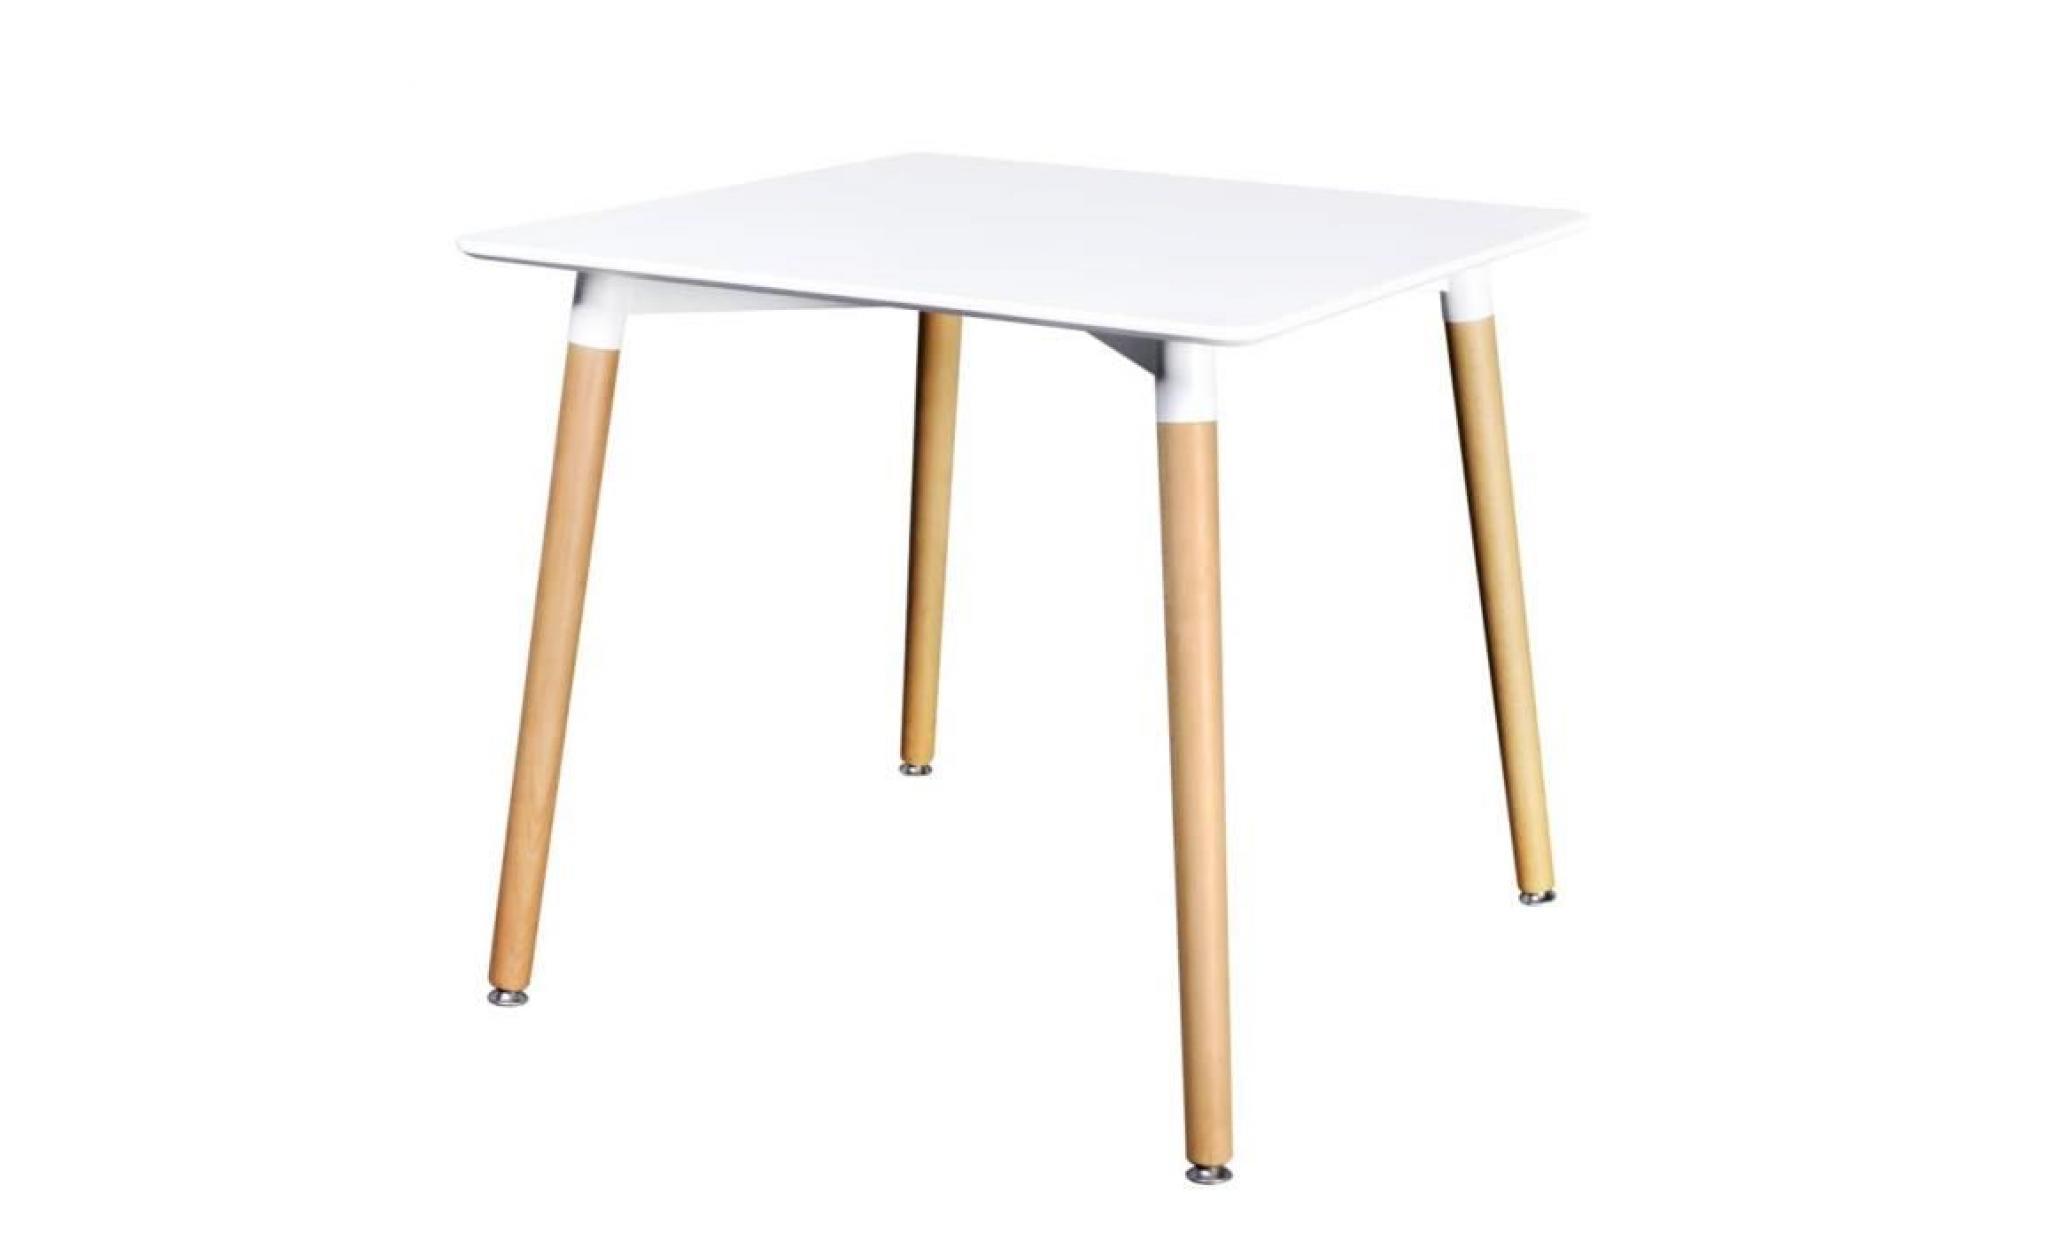 Incroyable Table De Salle à Manger Carrée Mdf Blanc Table Basse Table Console